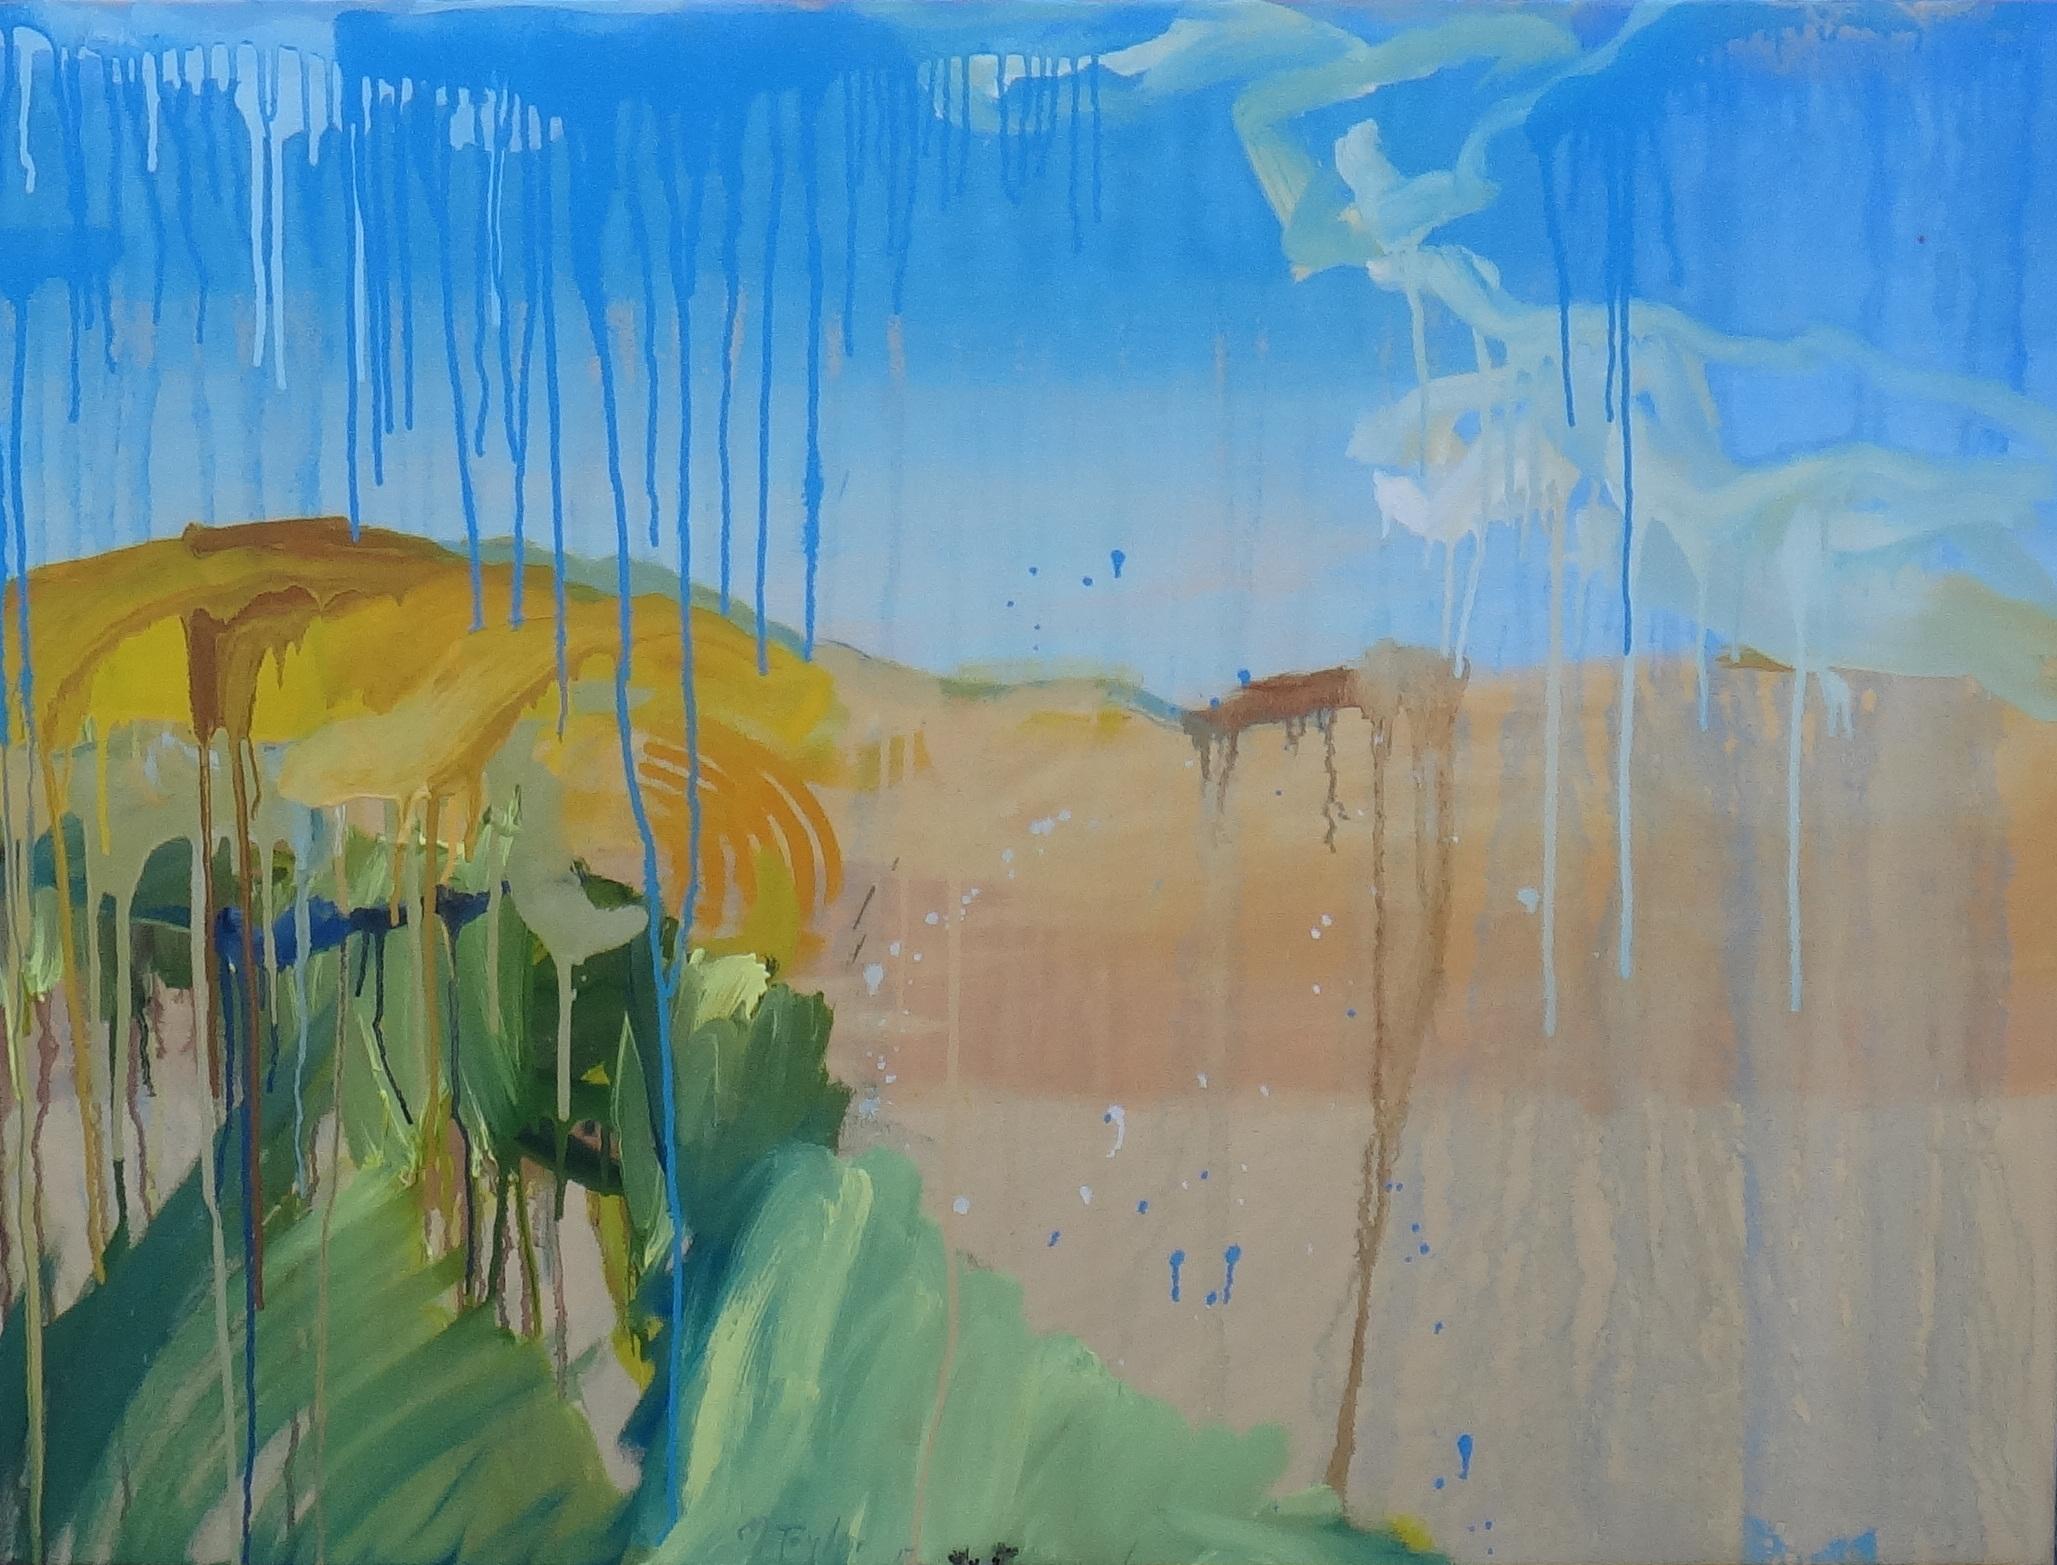 Sunlit Hill.  2017. Oil on linen, 76 x 102 cm $6,500